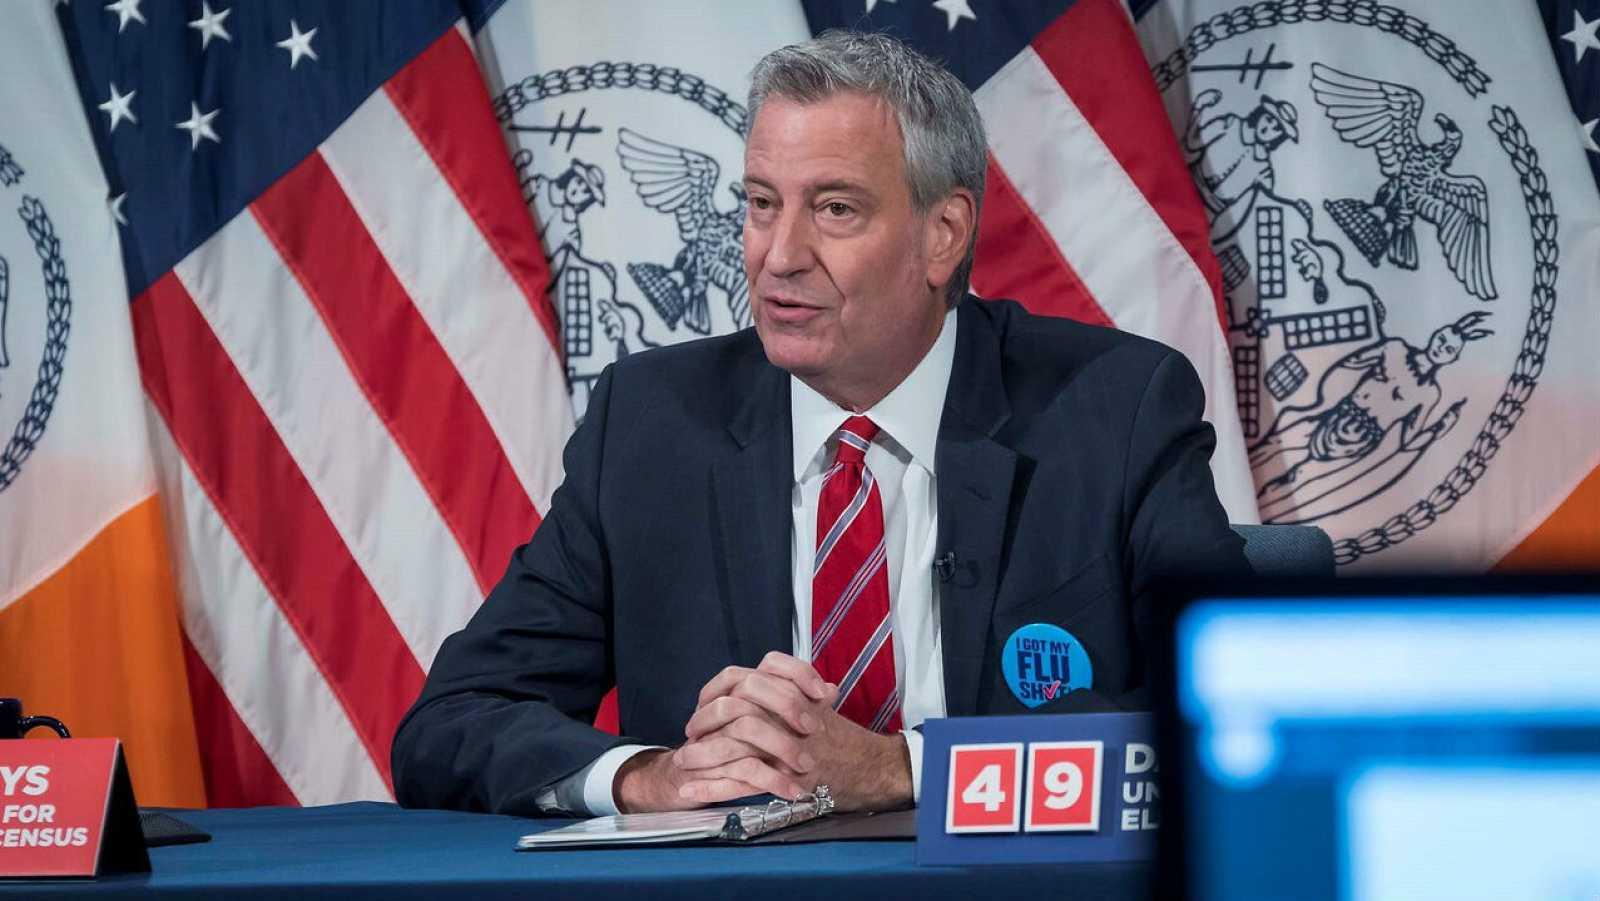 El alcalde, Bill de Blasio, mientras habla durante su rueda de prensa en la sede de la municipalidad en Nueva York (EE.UU.).